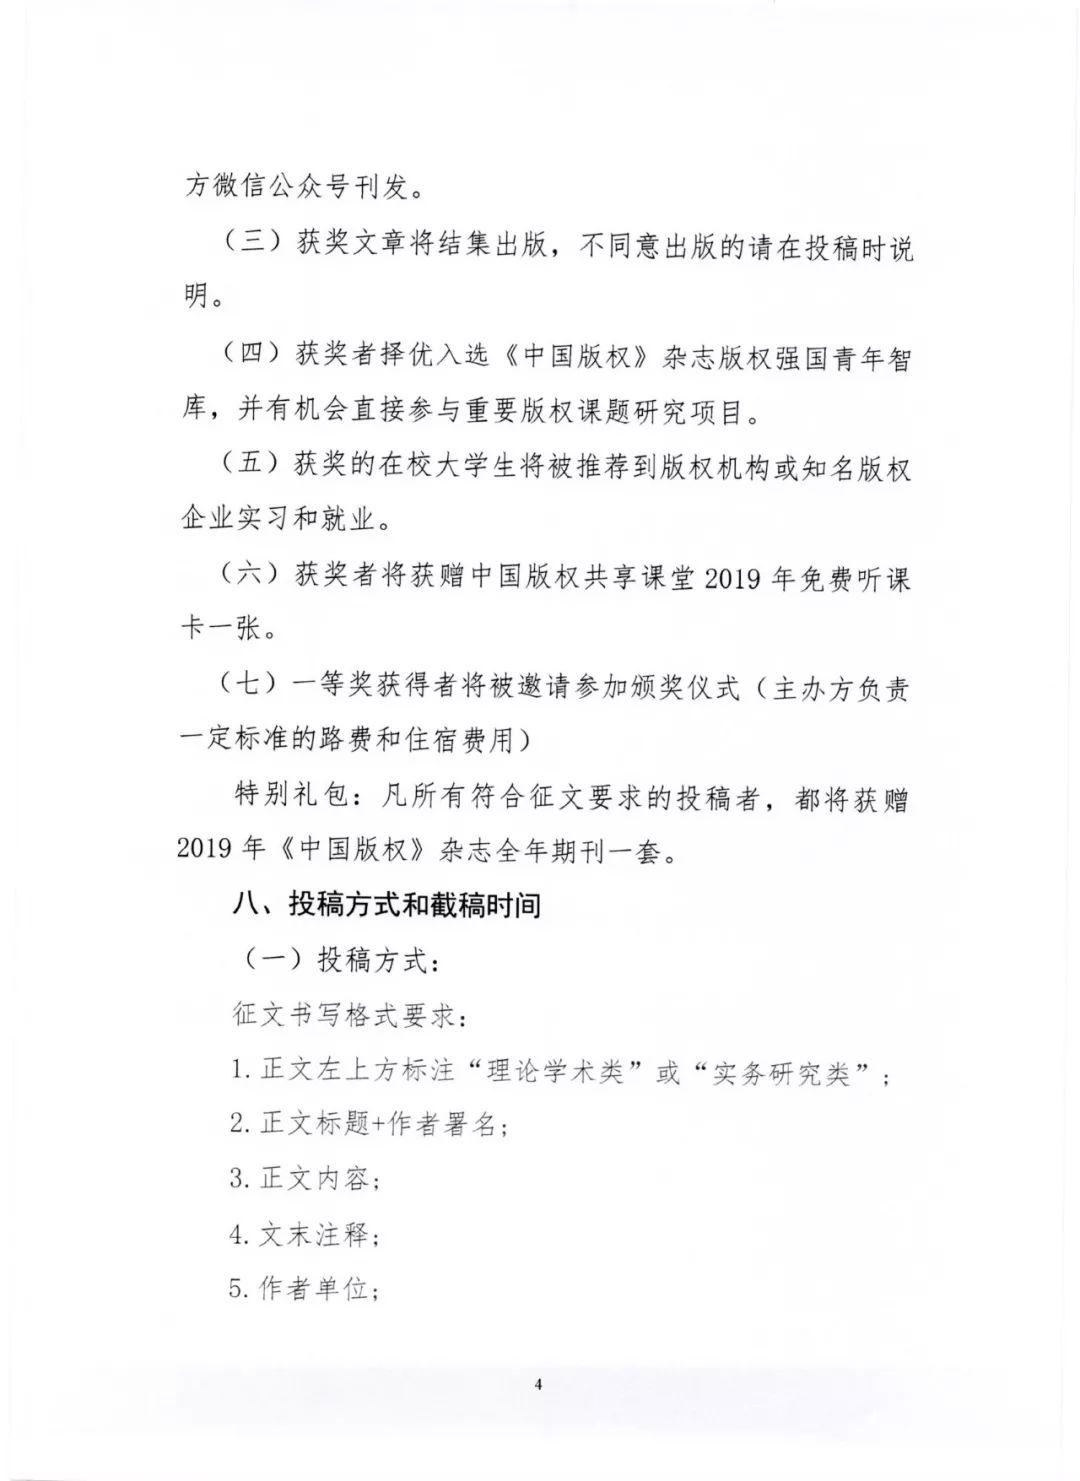 让青年成为创新中国主力军!新时代版权强国青年征文大赛正式启动,李国庆、王军、王迁成为大赛公益形象大使